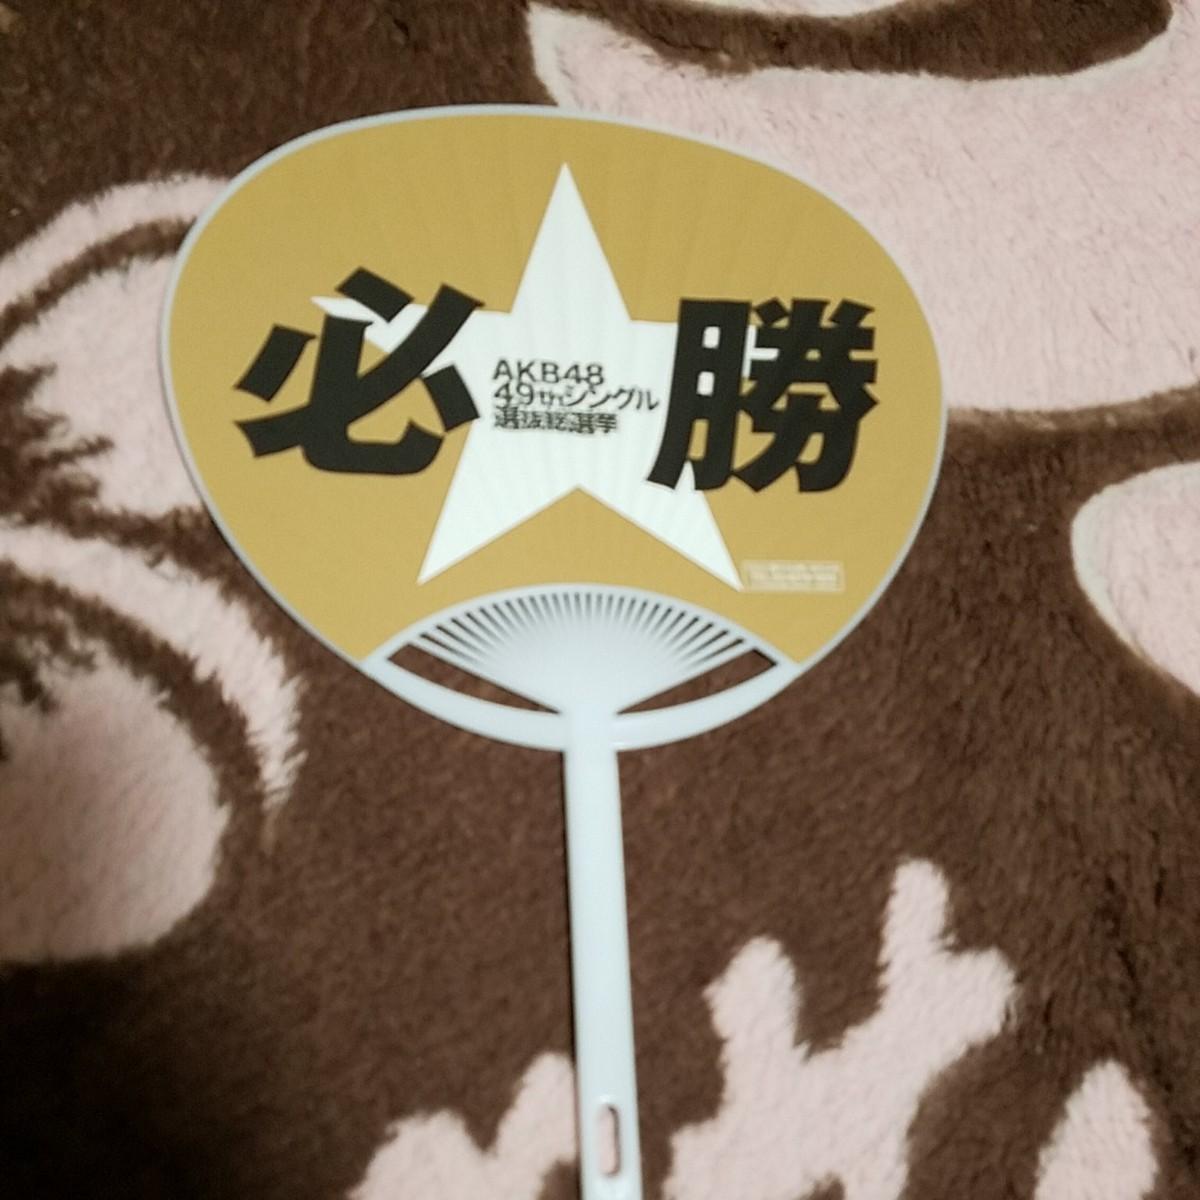 AKB48 49thシングル選抜総選挙うちわ